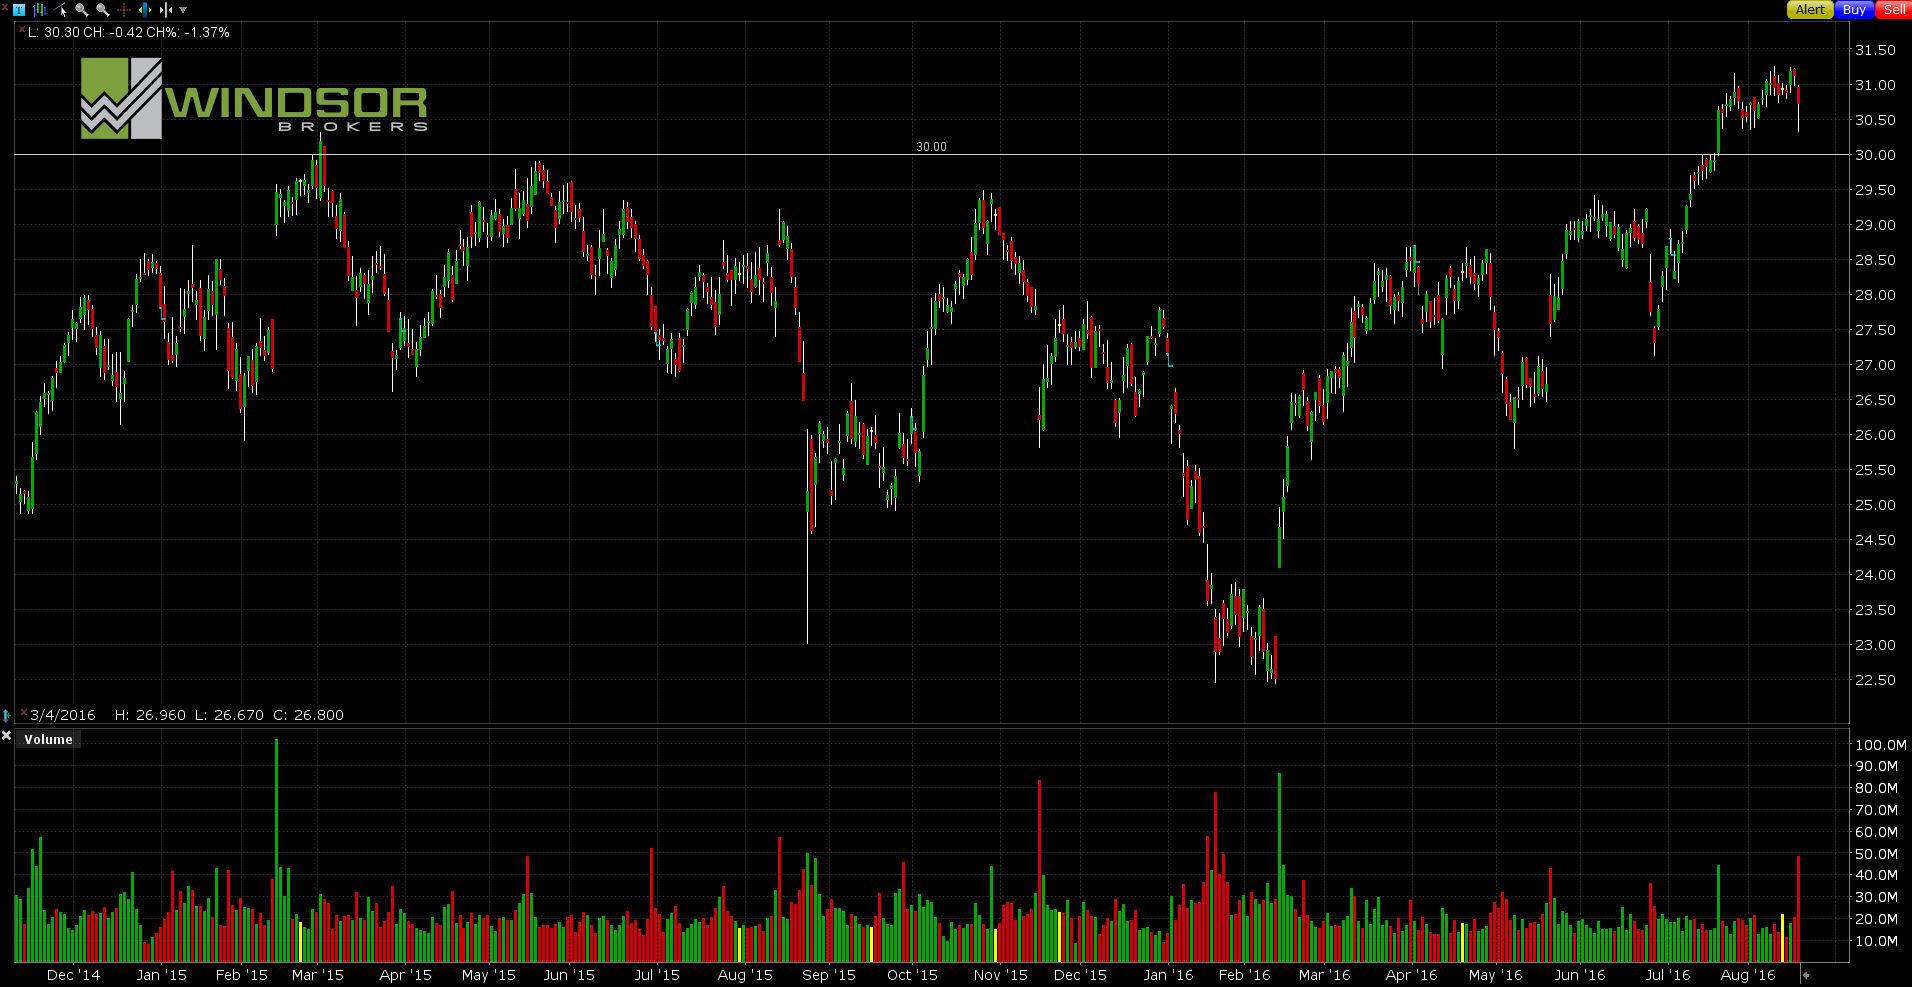 Wykres CISCO dla interwału D1. All Markets Online.